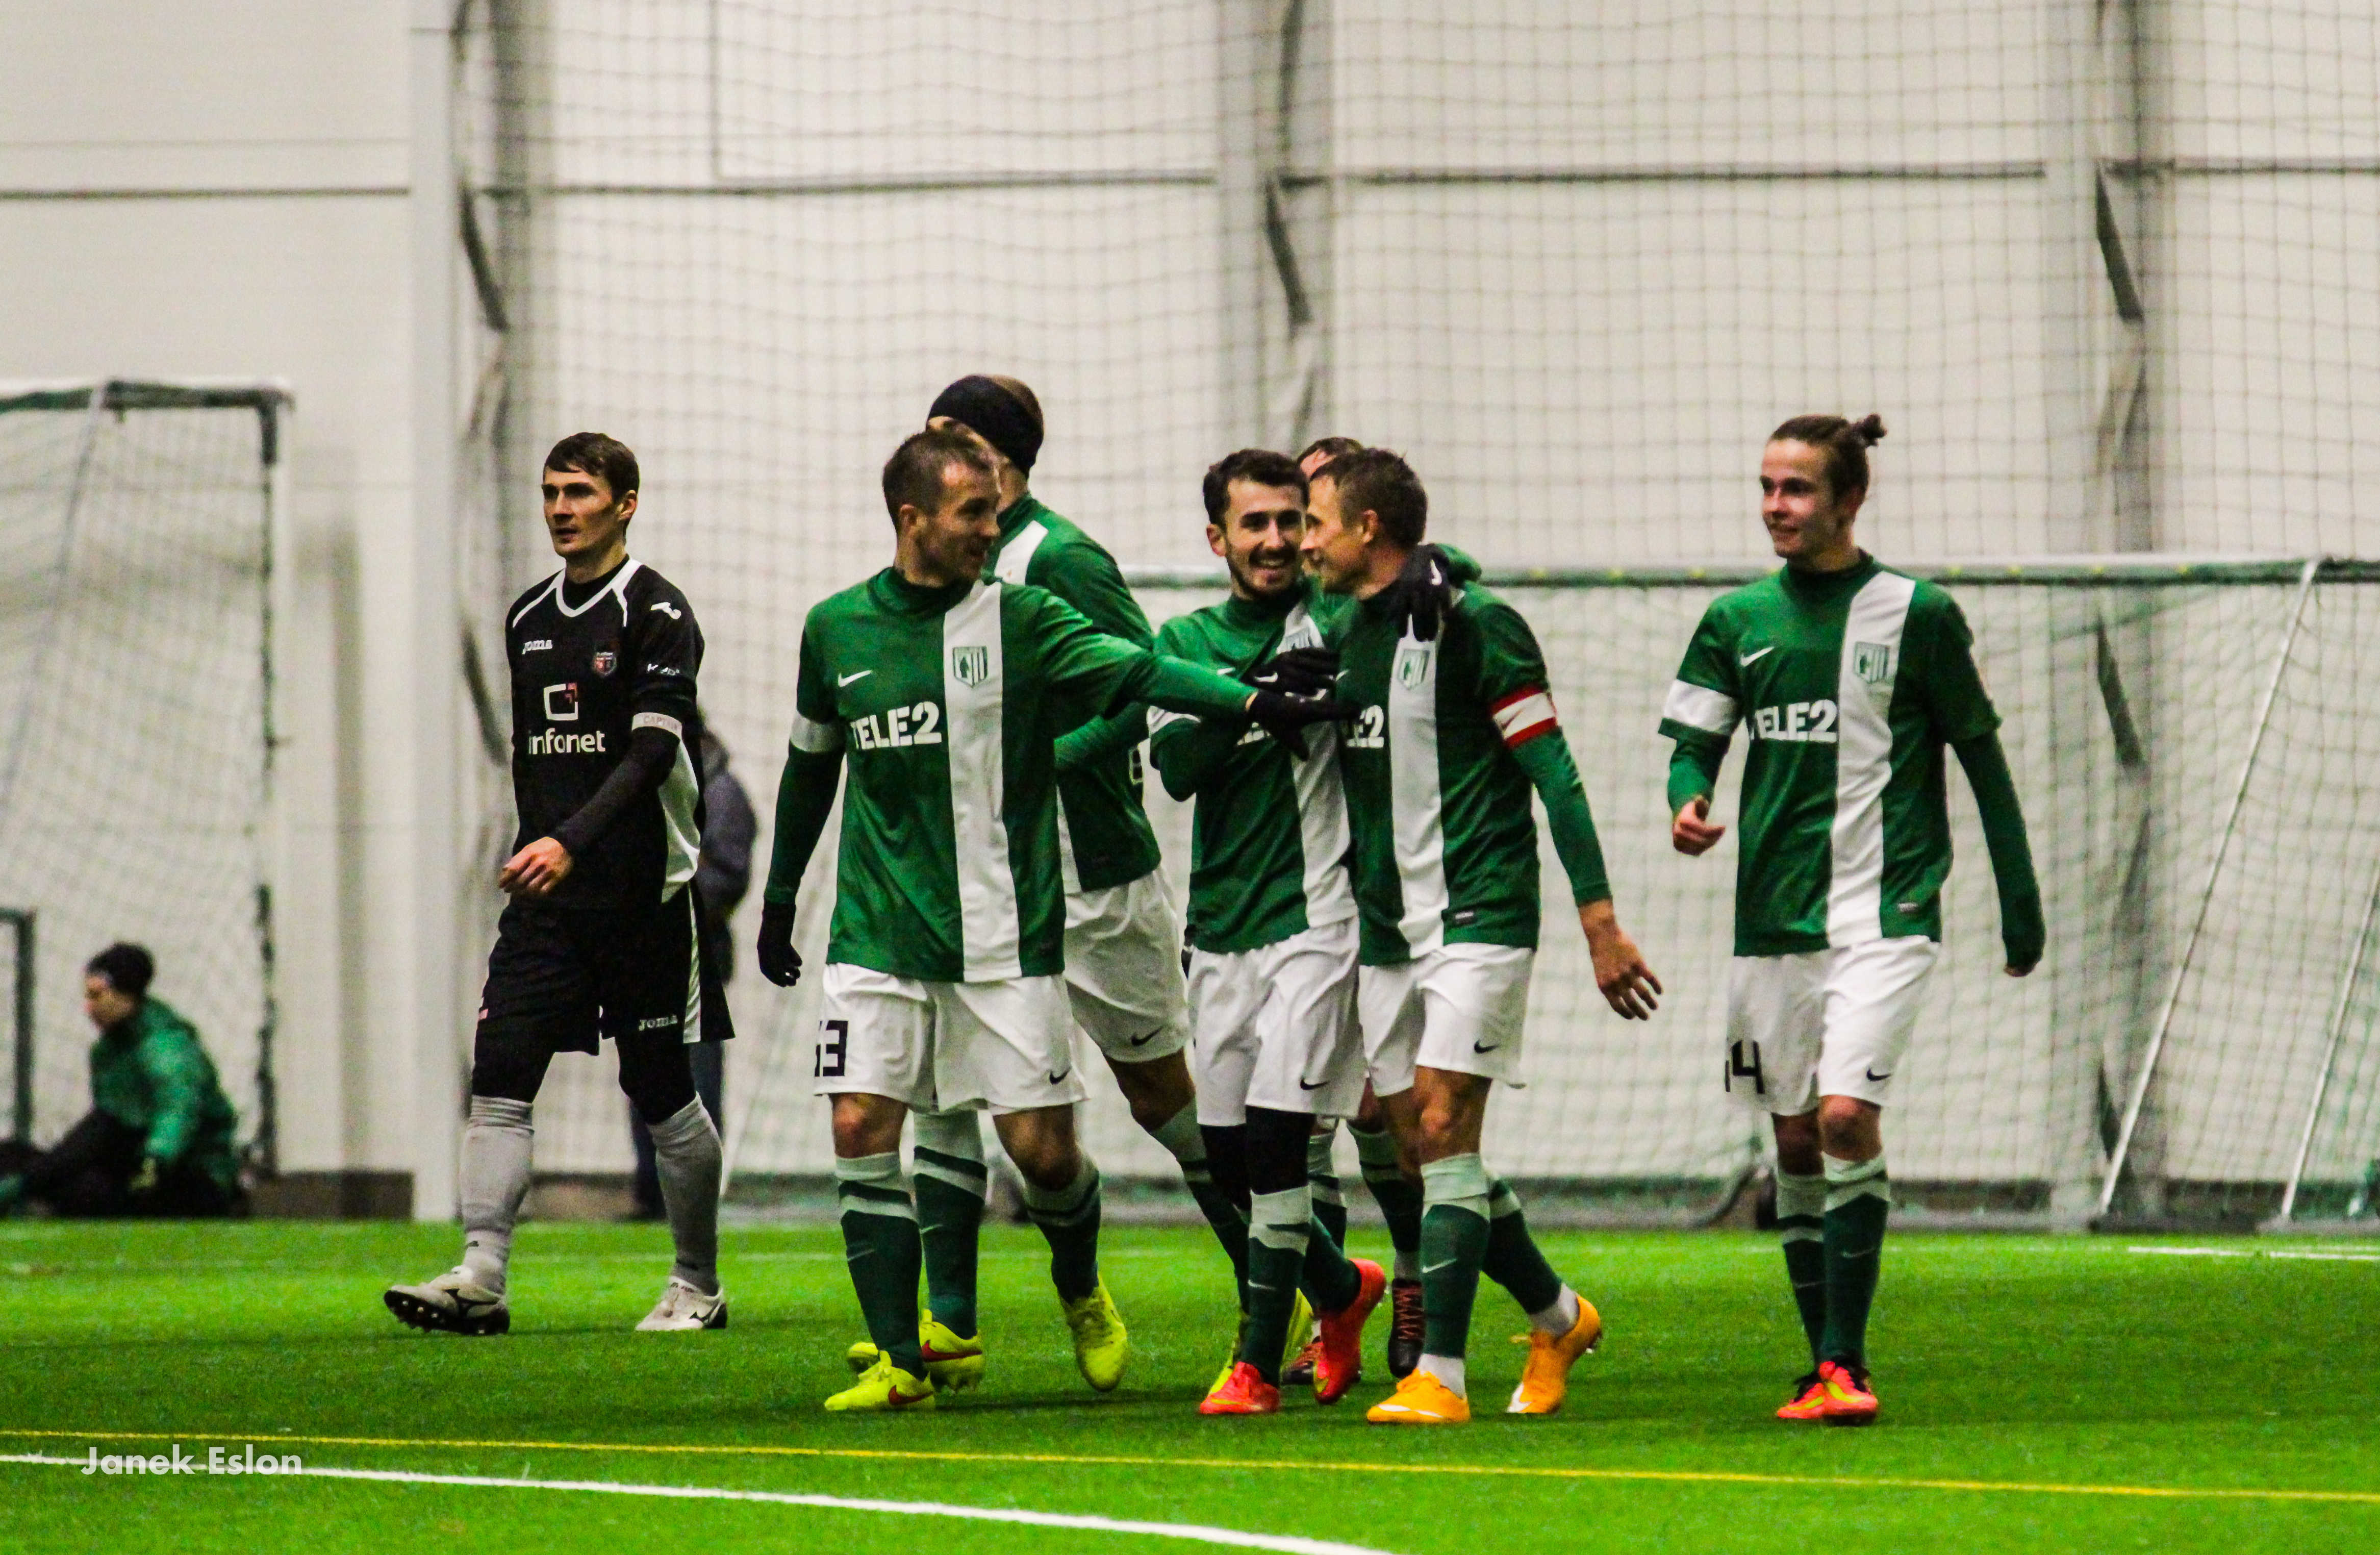 FC Flora - FC Infonet